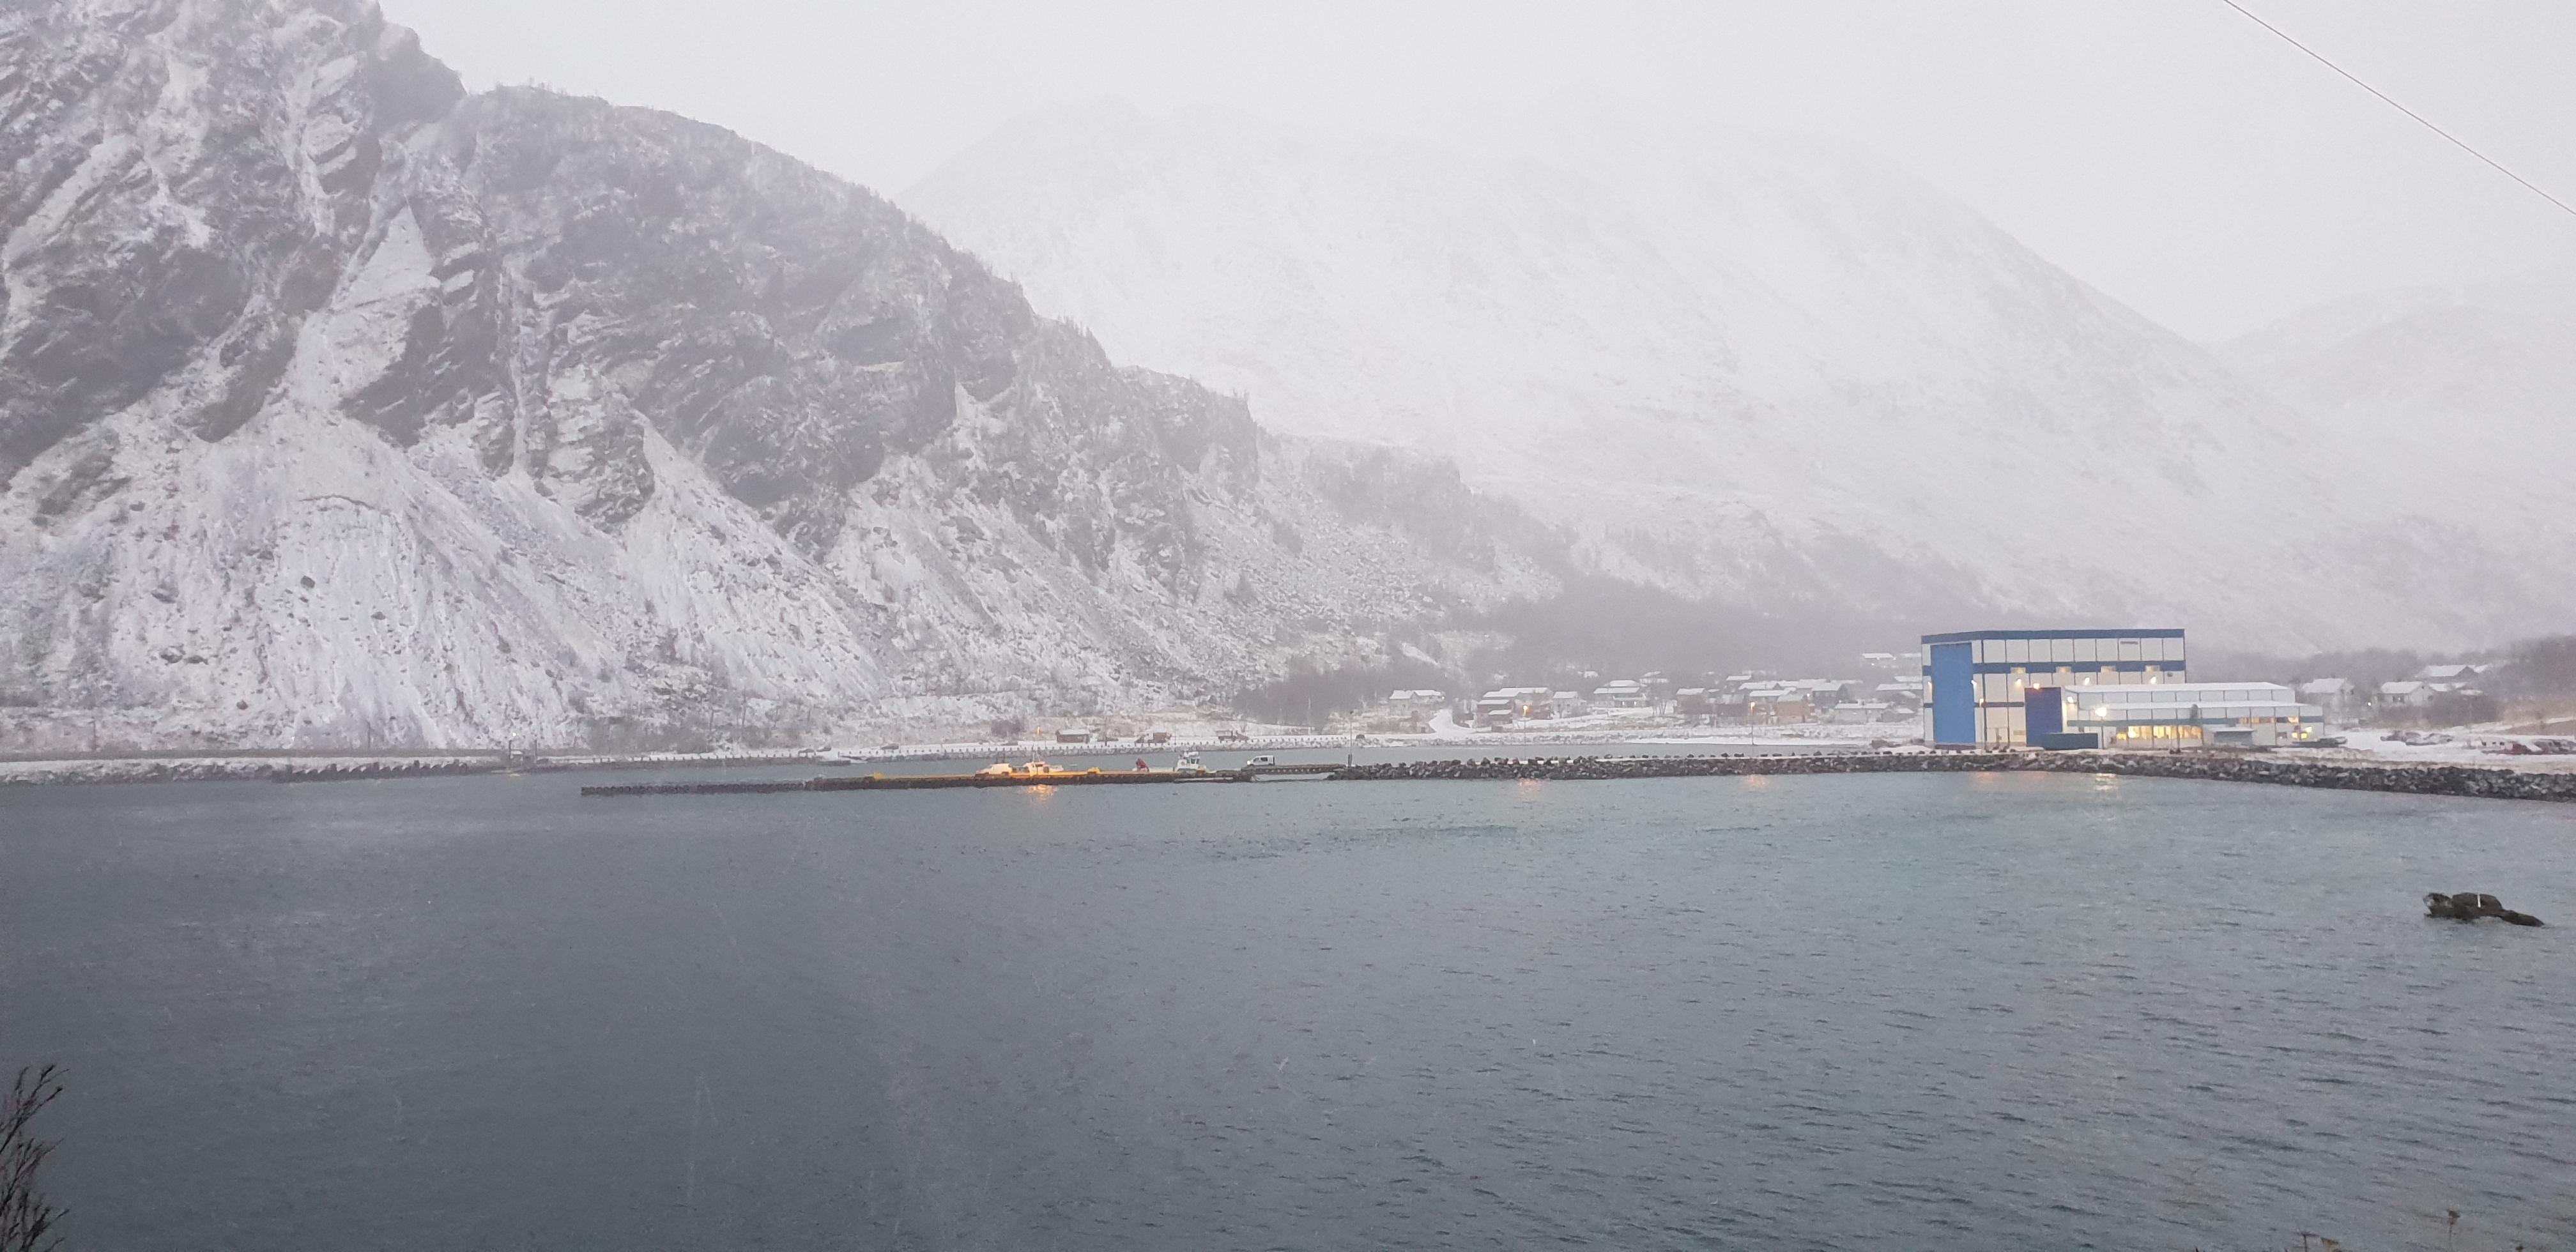 https://marinasolutions.no/uploads/Loppa-kommune-russebrygge-kaianlegg-øksfjord-frydenbø.jpg